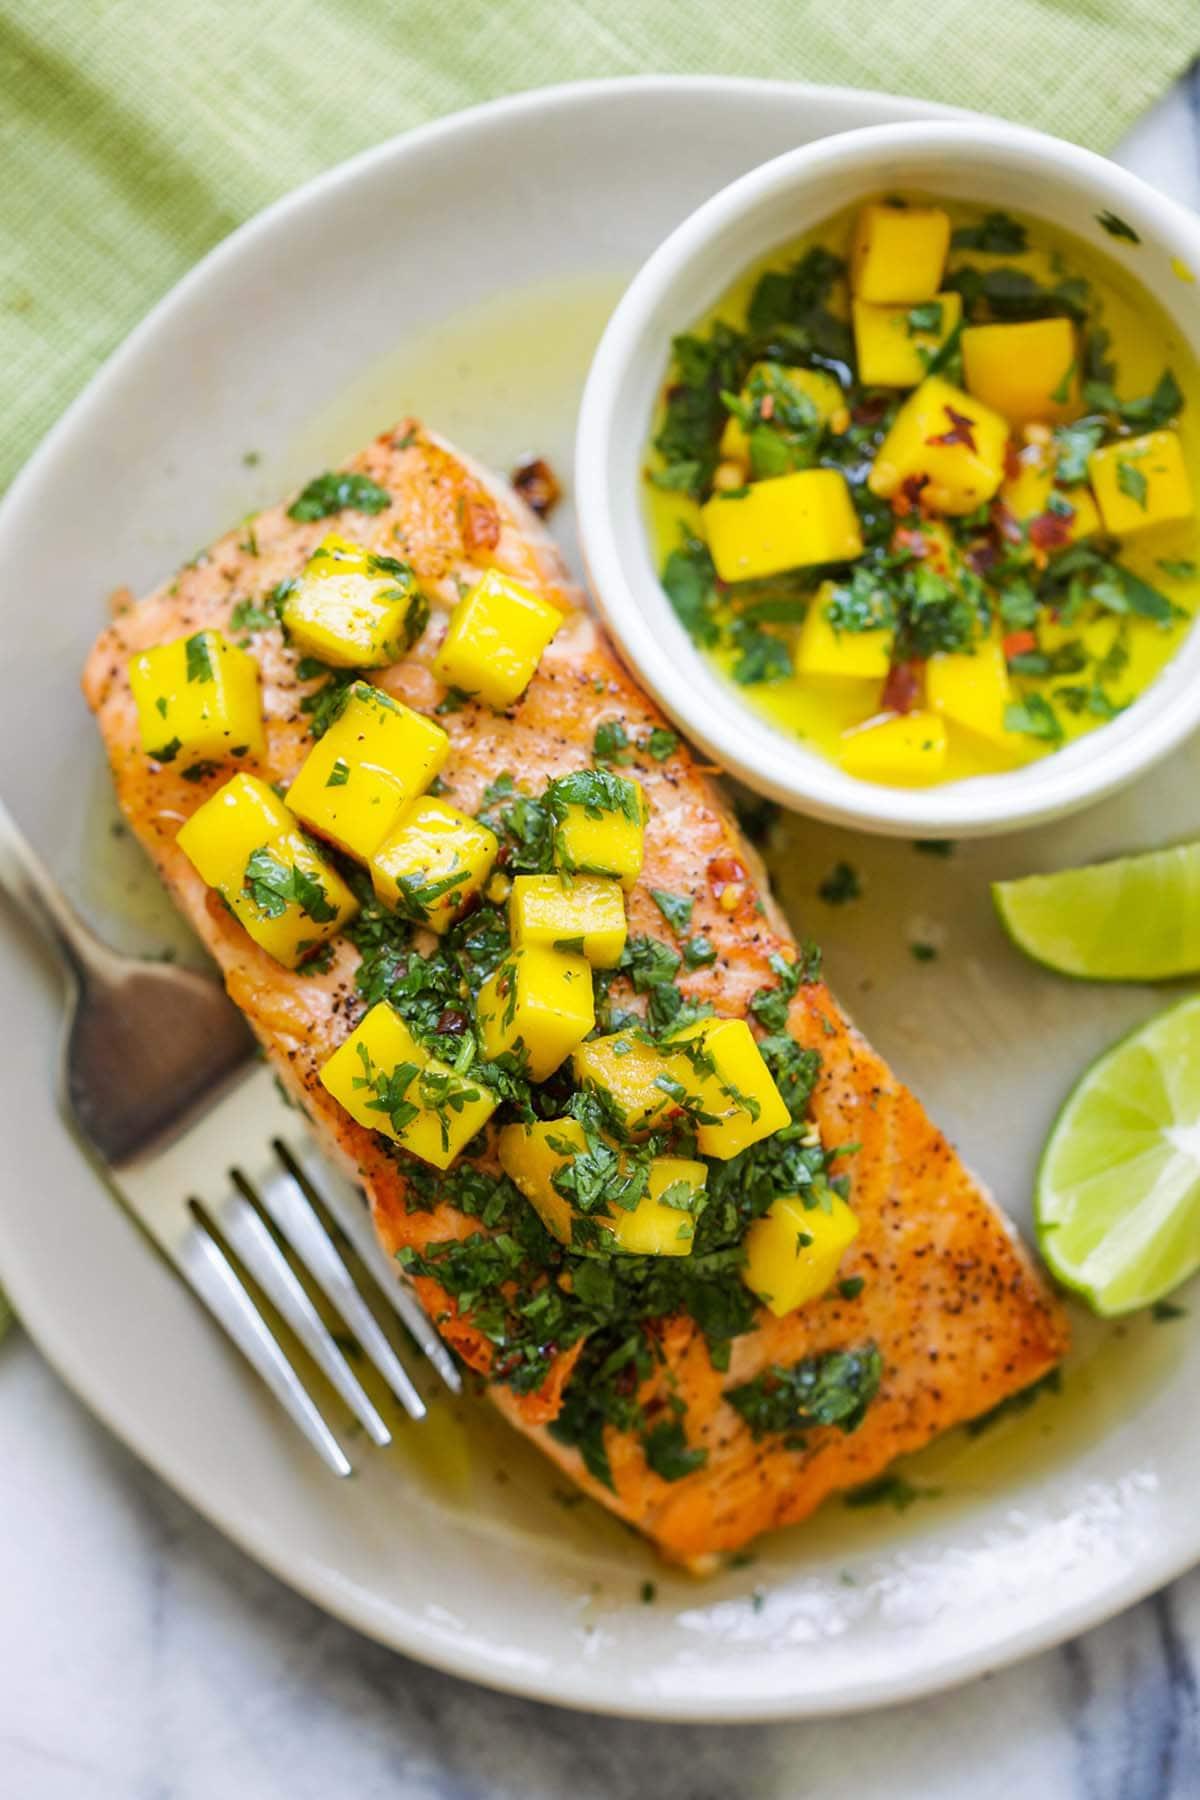 Recette facile et rapide de saumon chimichurri à la mangue.